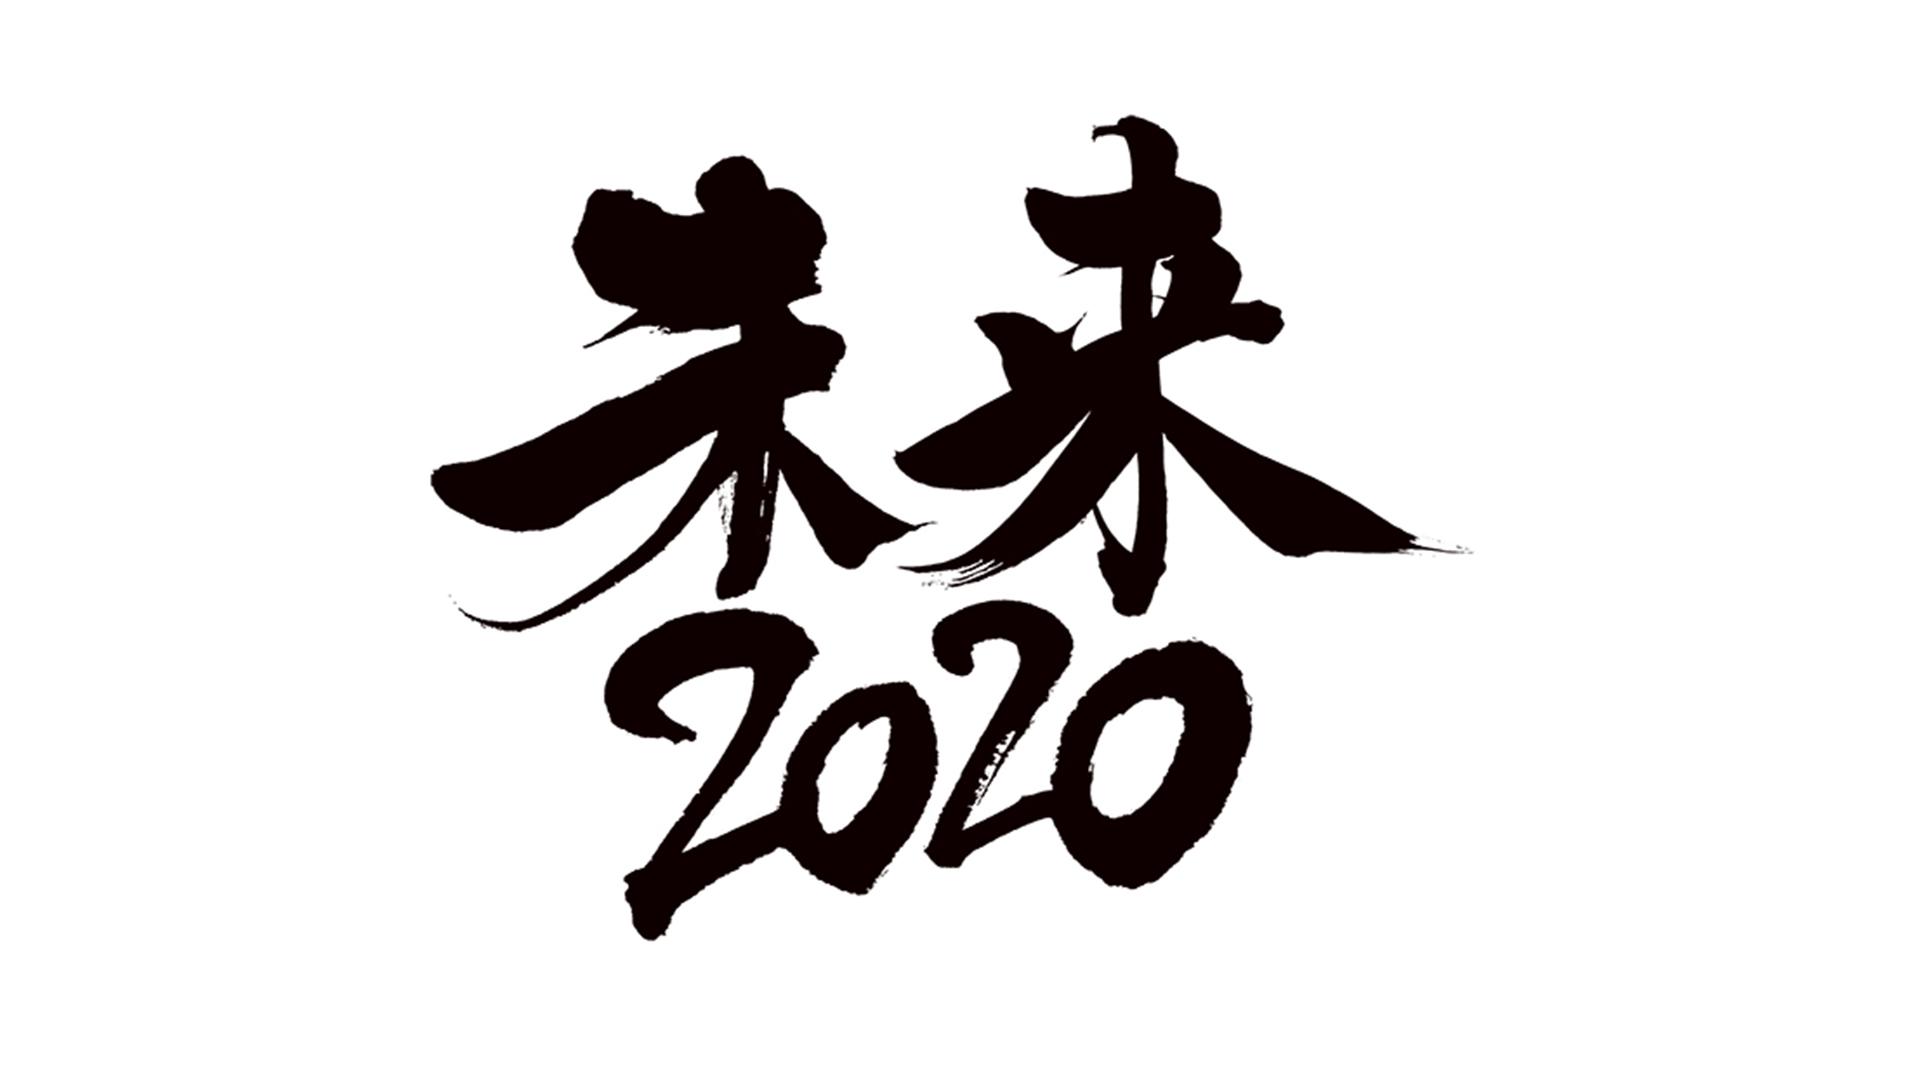 社会にインパクトを与えるビジネスの創造・成長をサポートする「未来2020」二次審査会を12月に開催